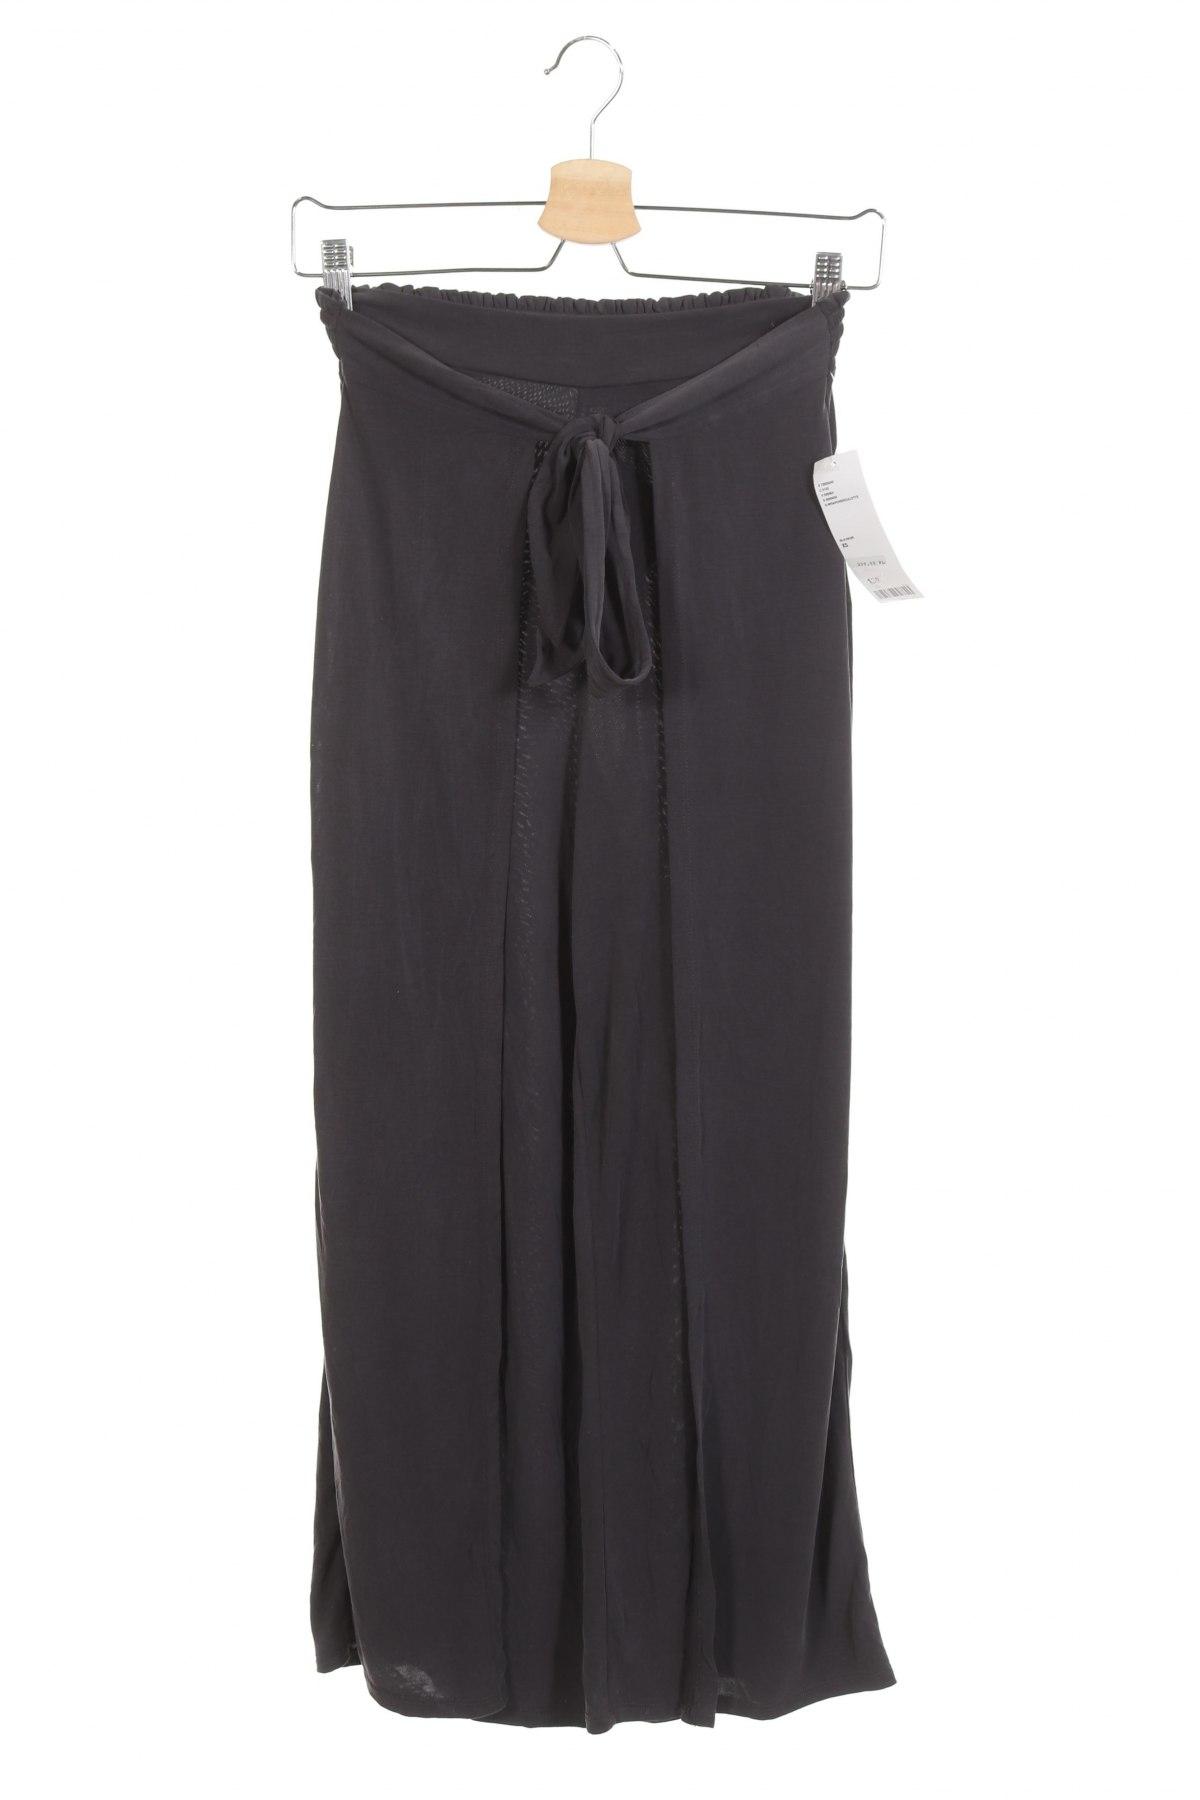 Дамски панталон Urban Outfitters, Размер XS, Цвят Сив, 64% модал, 36% полиестер, Цена 59,25лв.